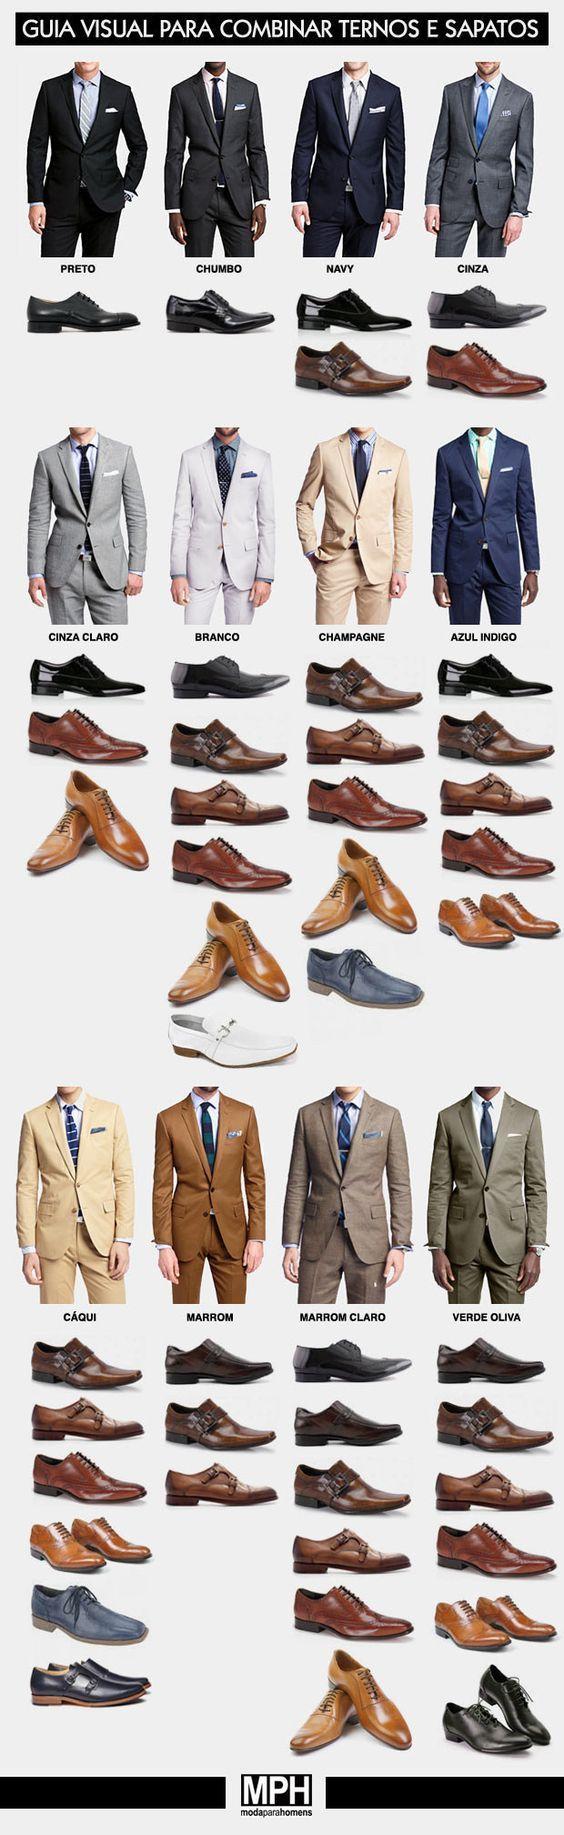 Aprender a como combinar tu traje y tus zapatos es la lección más importante que aprenderás en la vida. | 17 Guías visuales de estilo que todo hombre necesita en su vida: